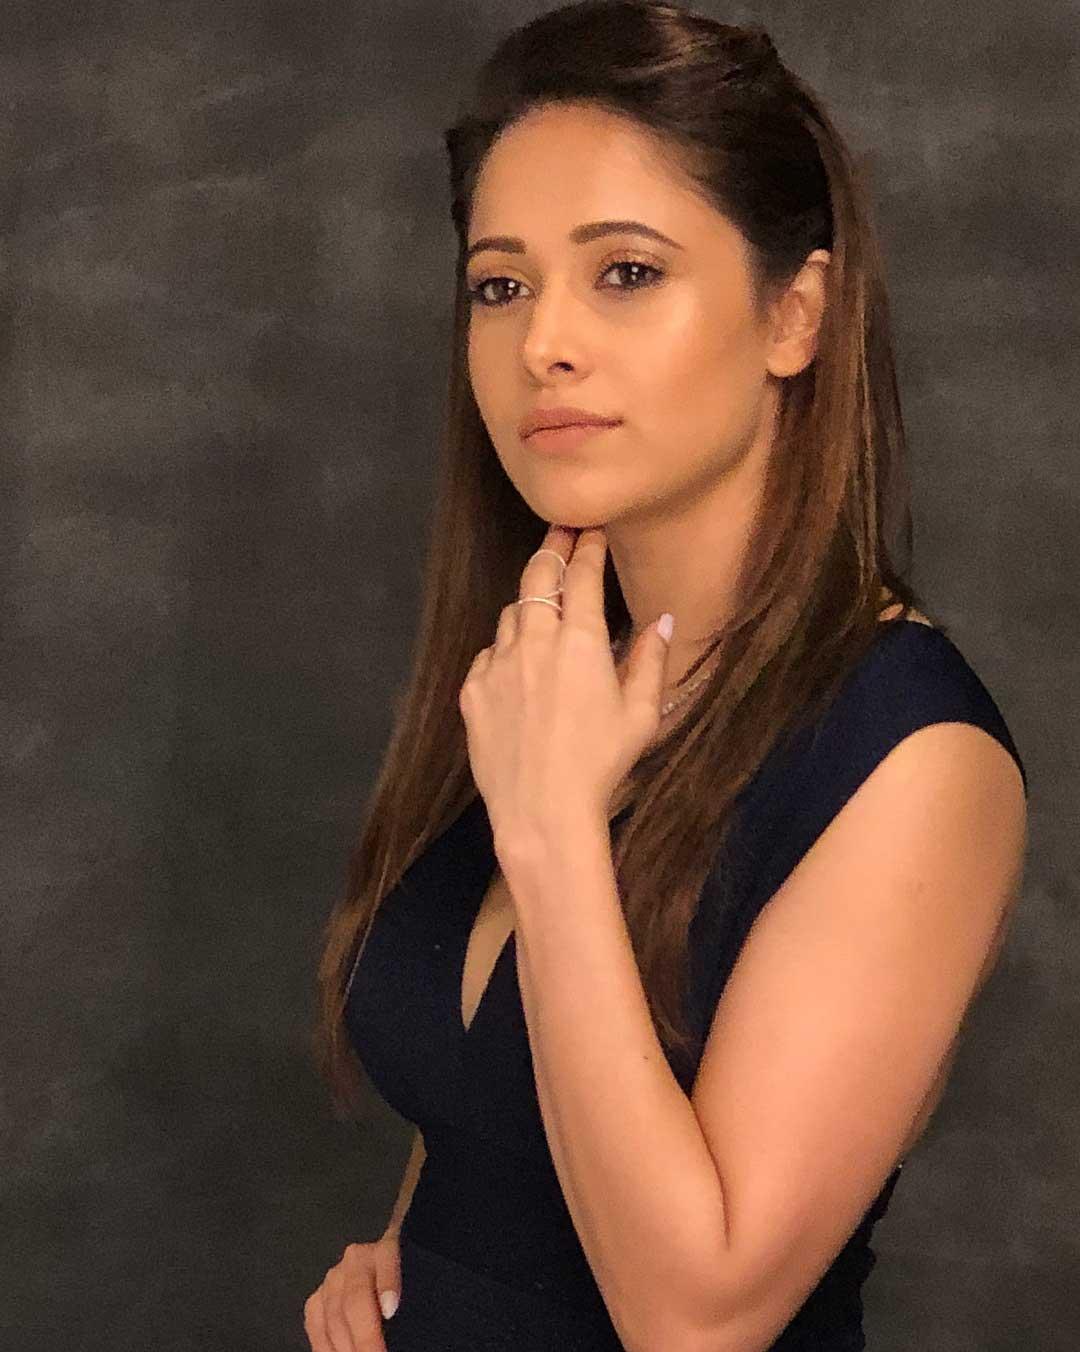 Nushrat Bharucha Hot and Sexy